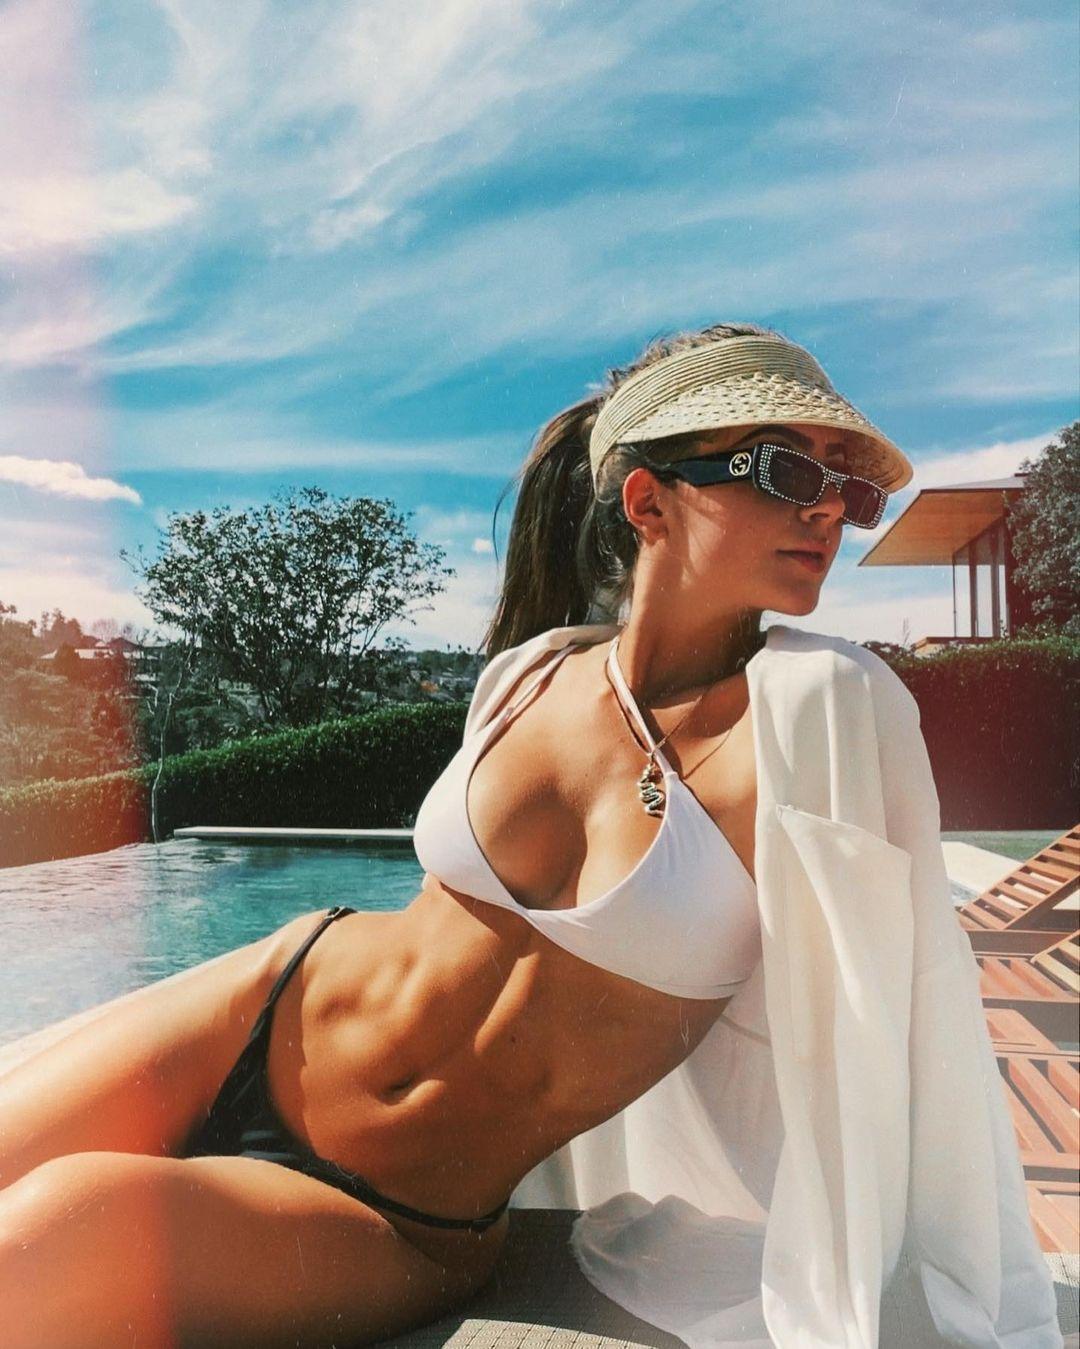 Jade Picon usando biquíni preto e branco com viseira e camisa